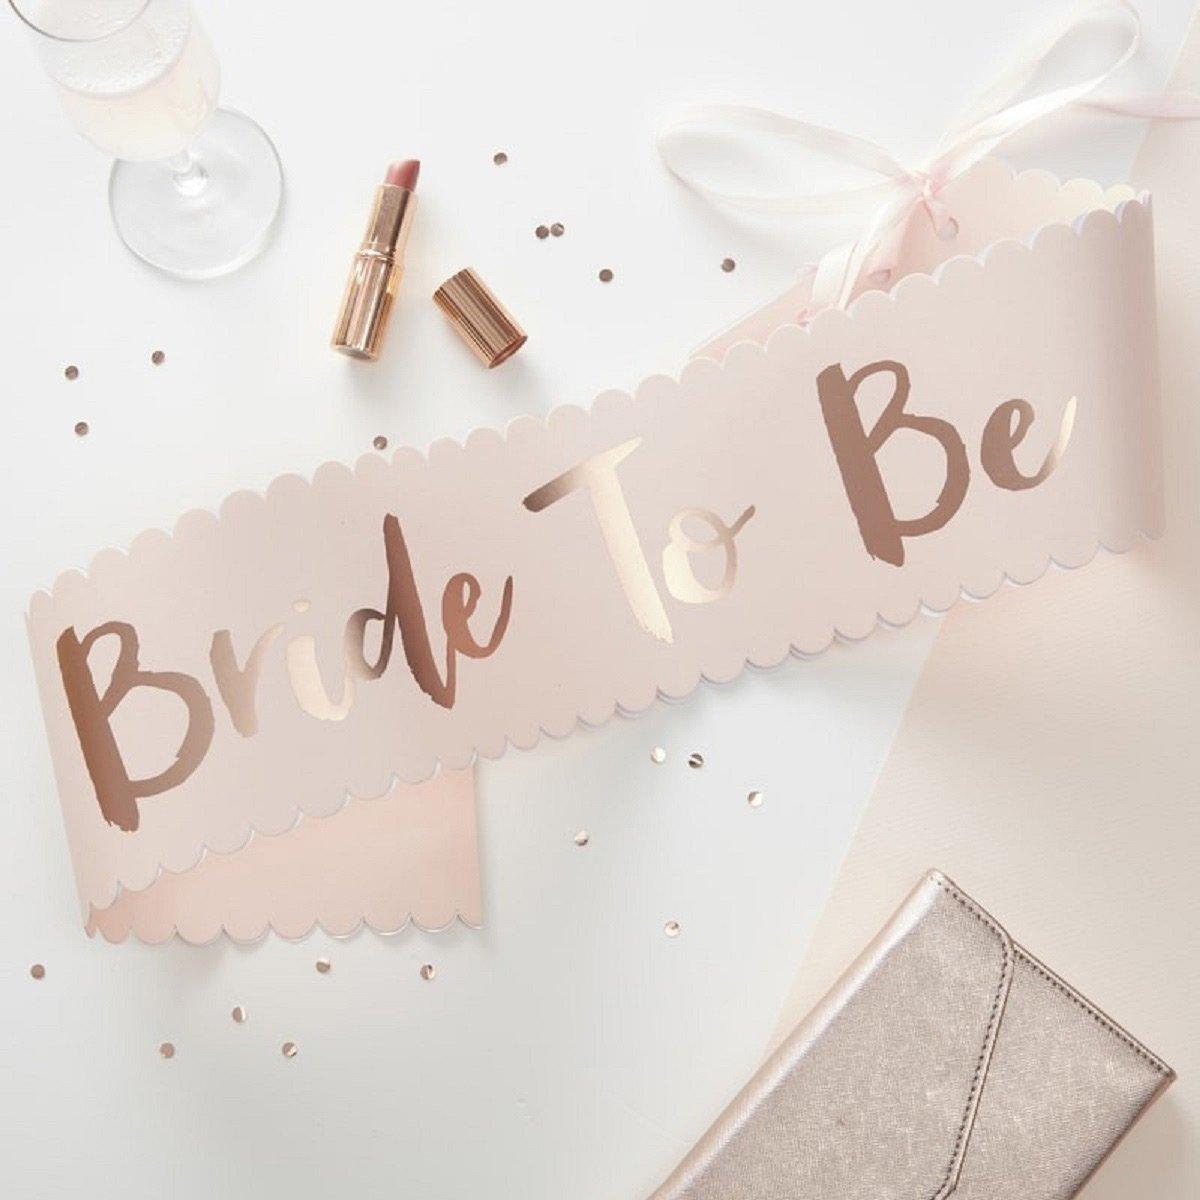 Bride to be Schärpe: Die perfekten Accessoires für euren Junggesellinnenabschied / JGA